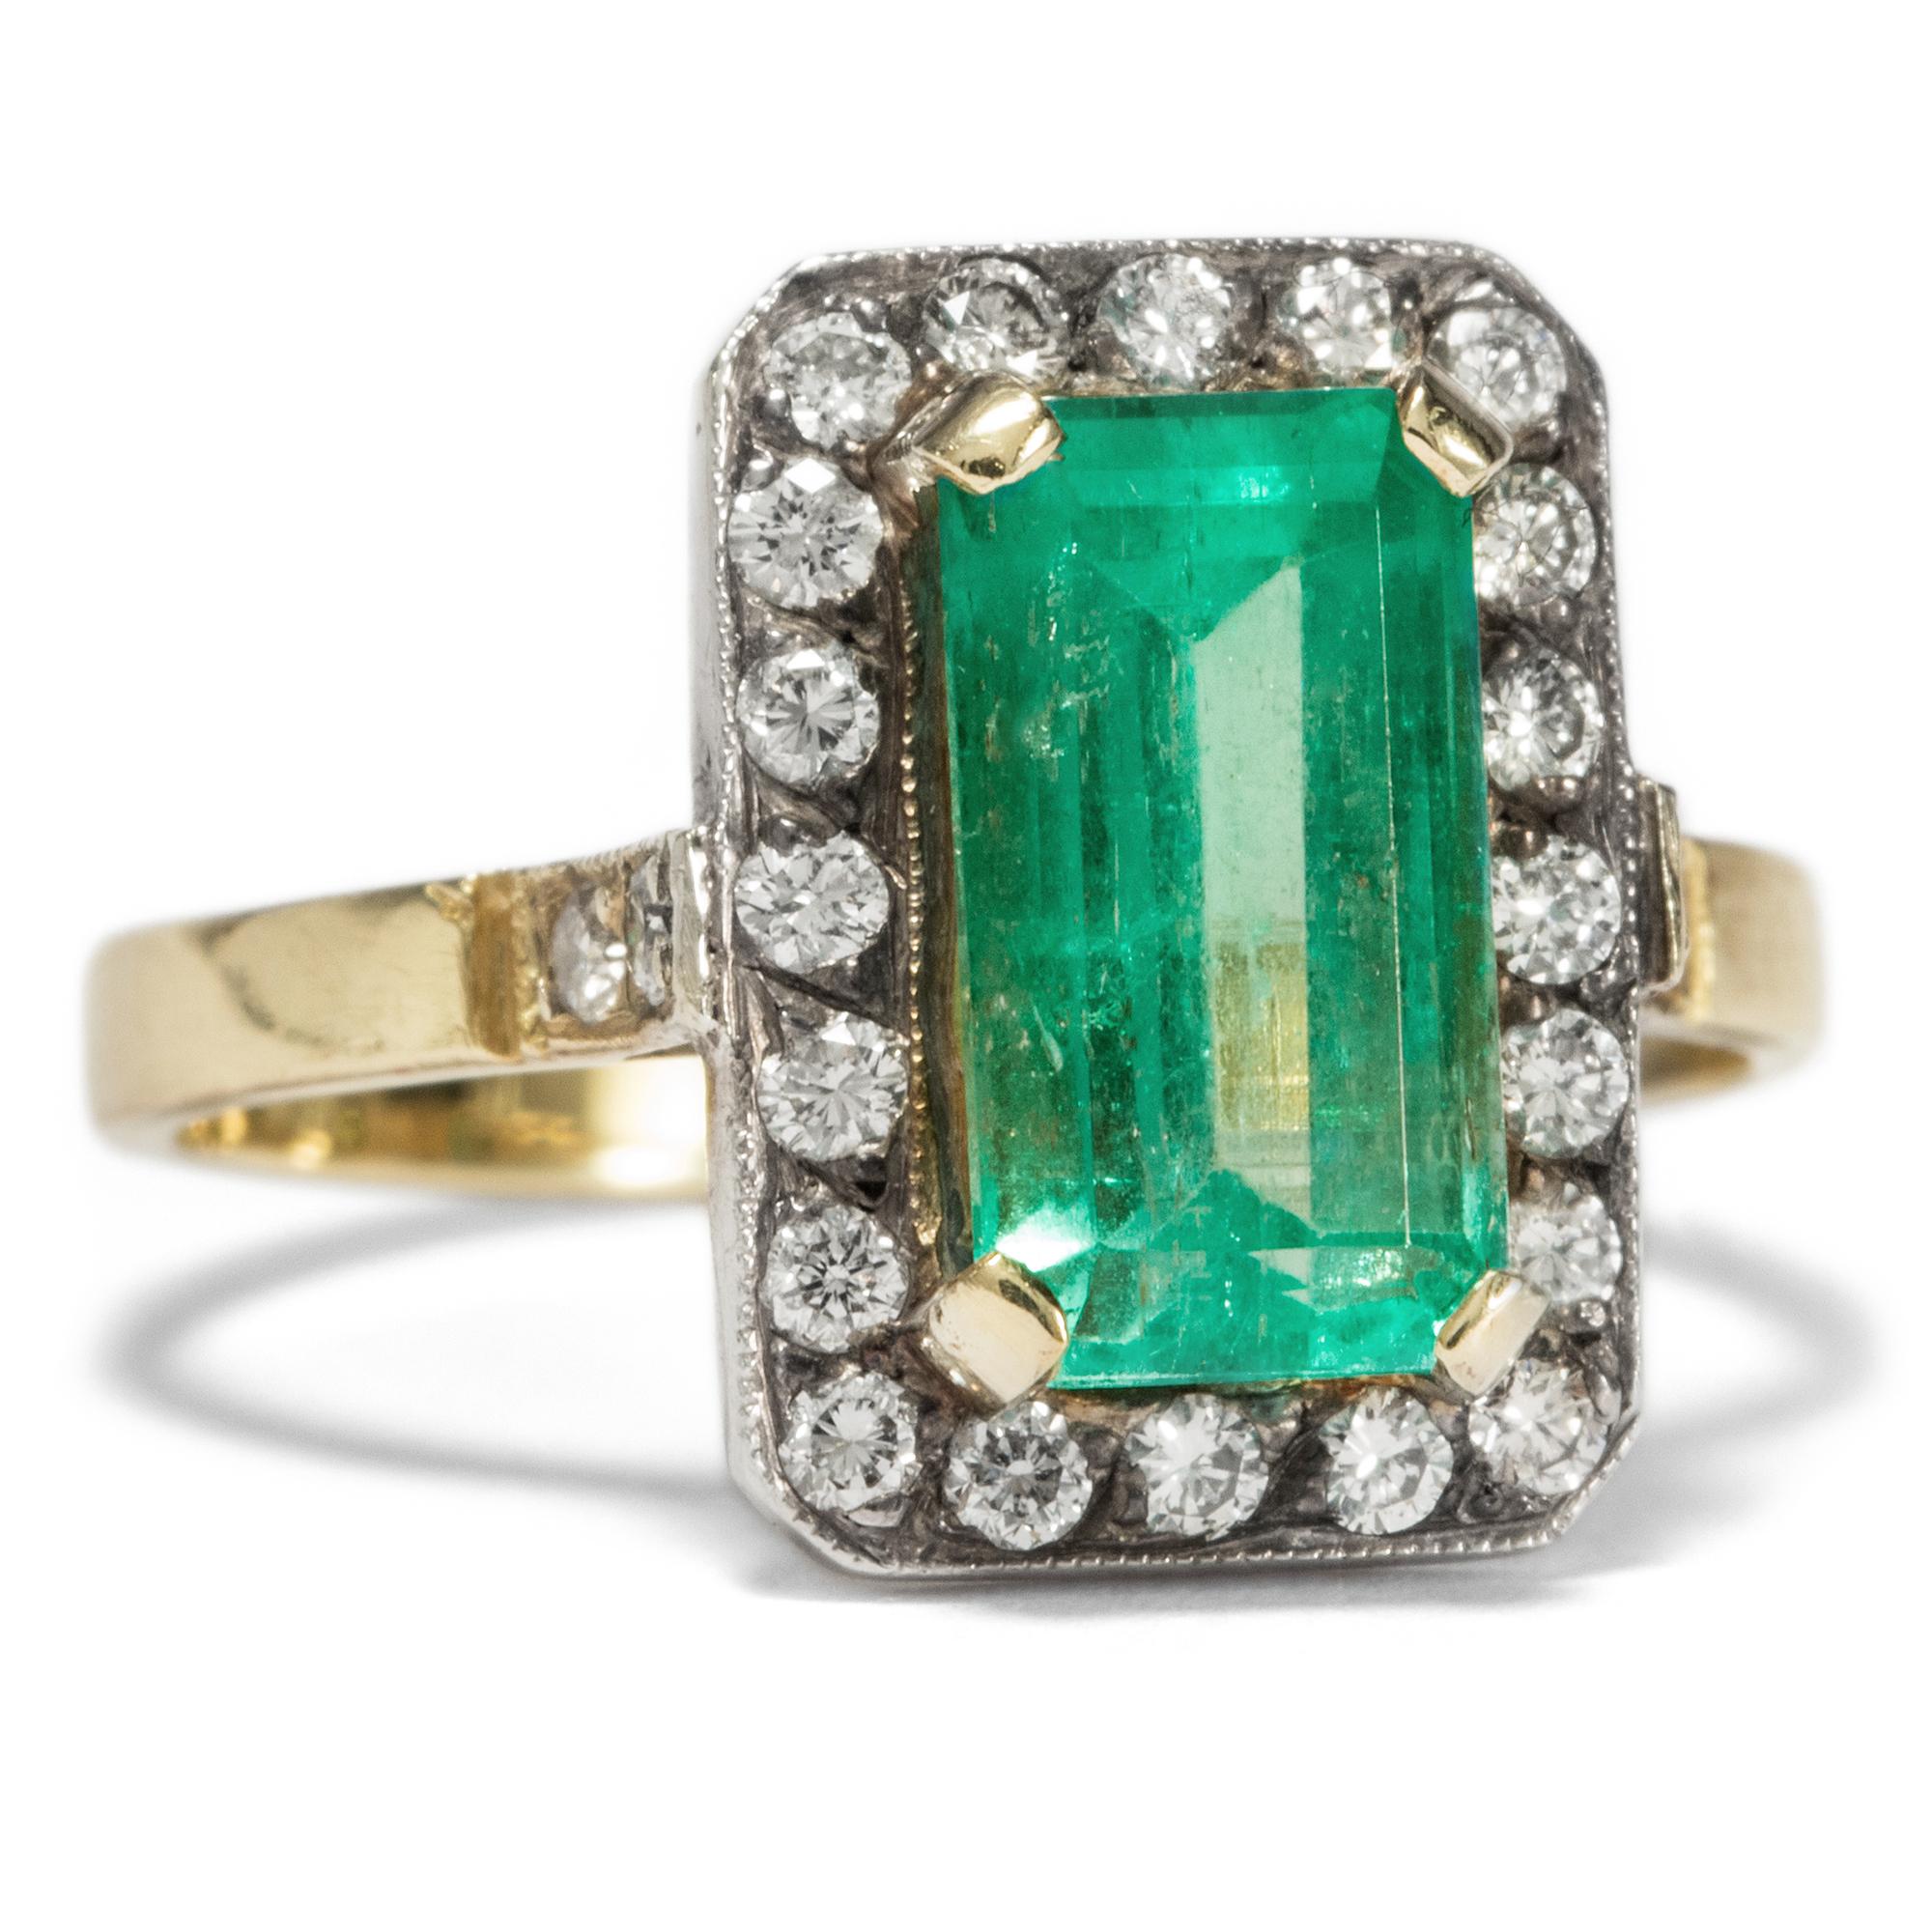 Beliebt Bevorzugt Es grünt so grün.. • Sinnlicher vintage Smaragd Ring aus Gold @RA_32